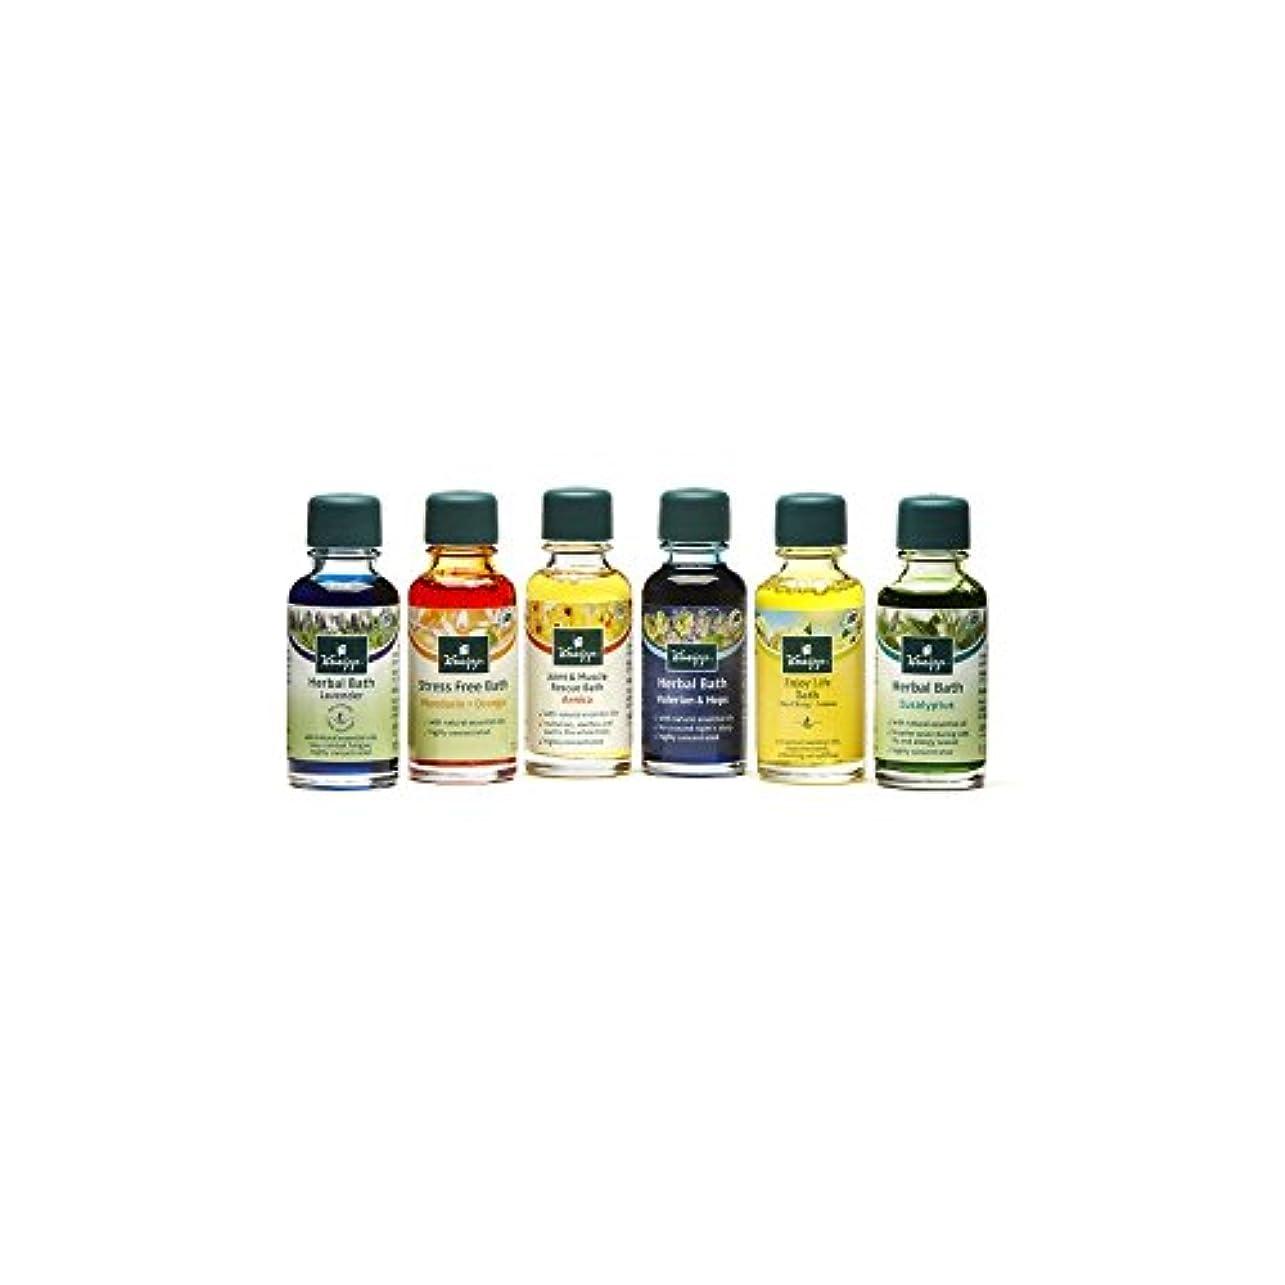 豪華な共和党ご注意Kneipp Bath Oil Collection (6 x 20ml) - クナイプバスオイルコレクション(6×20ミリリットル) [並行輸入品]